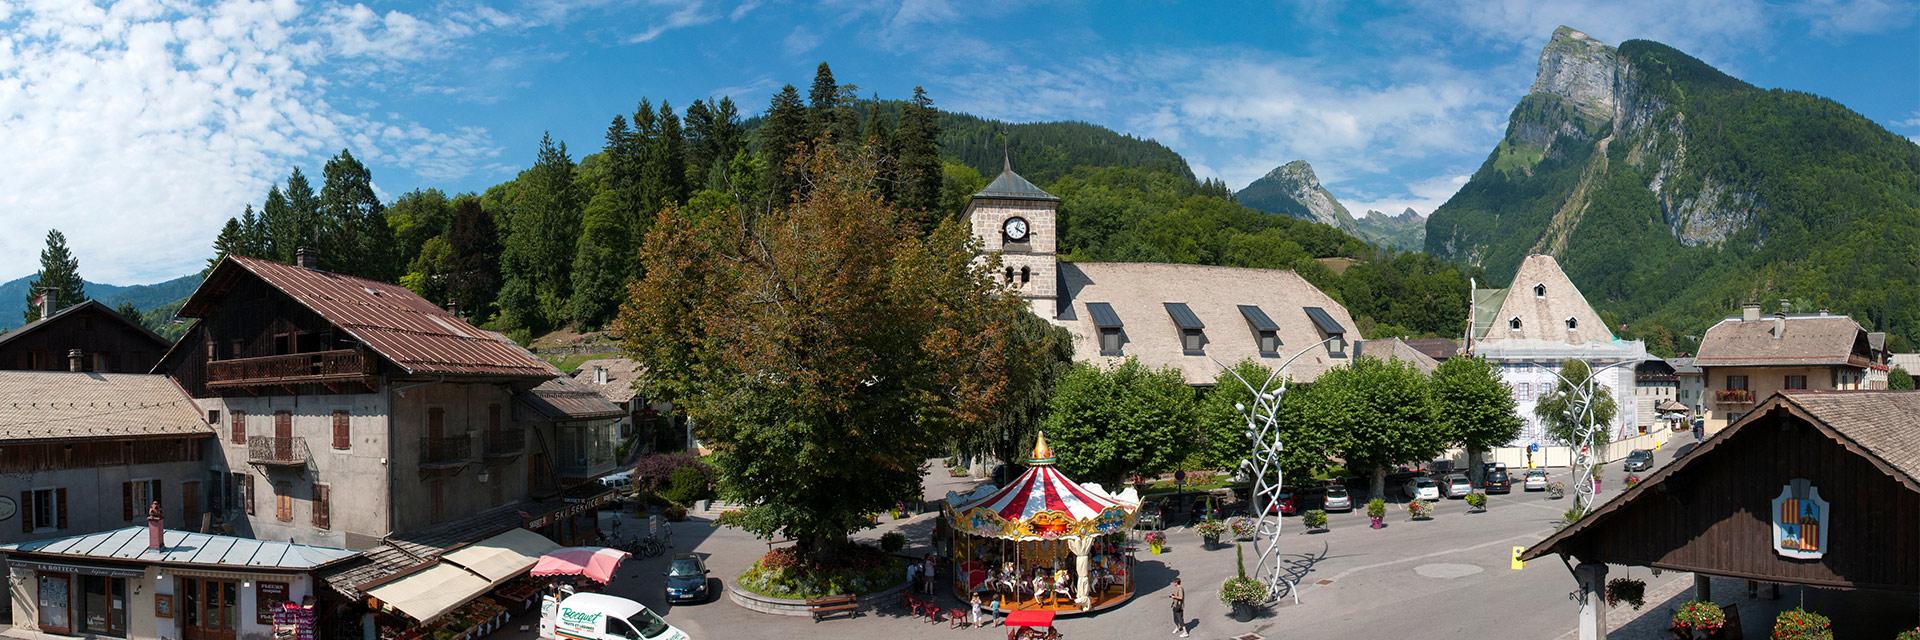 Bandeau-village